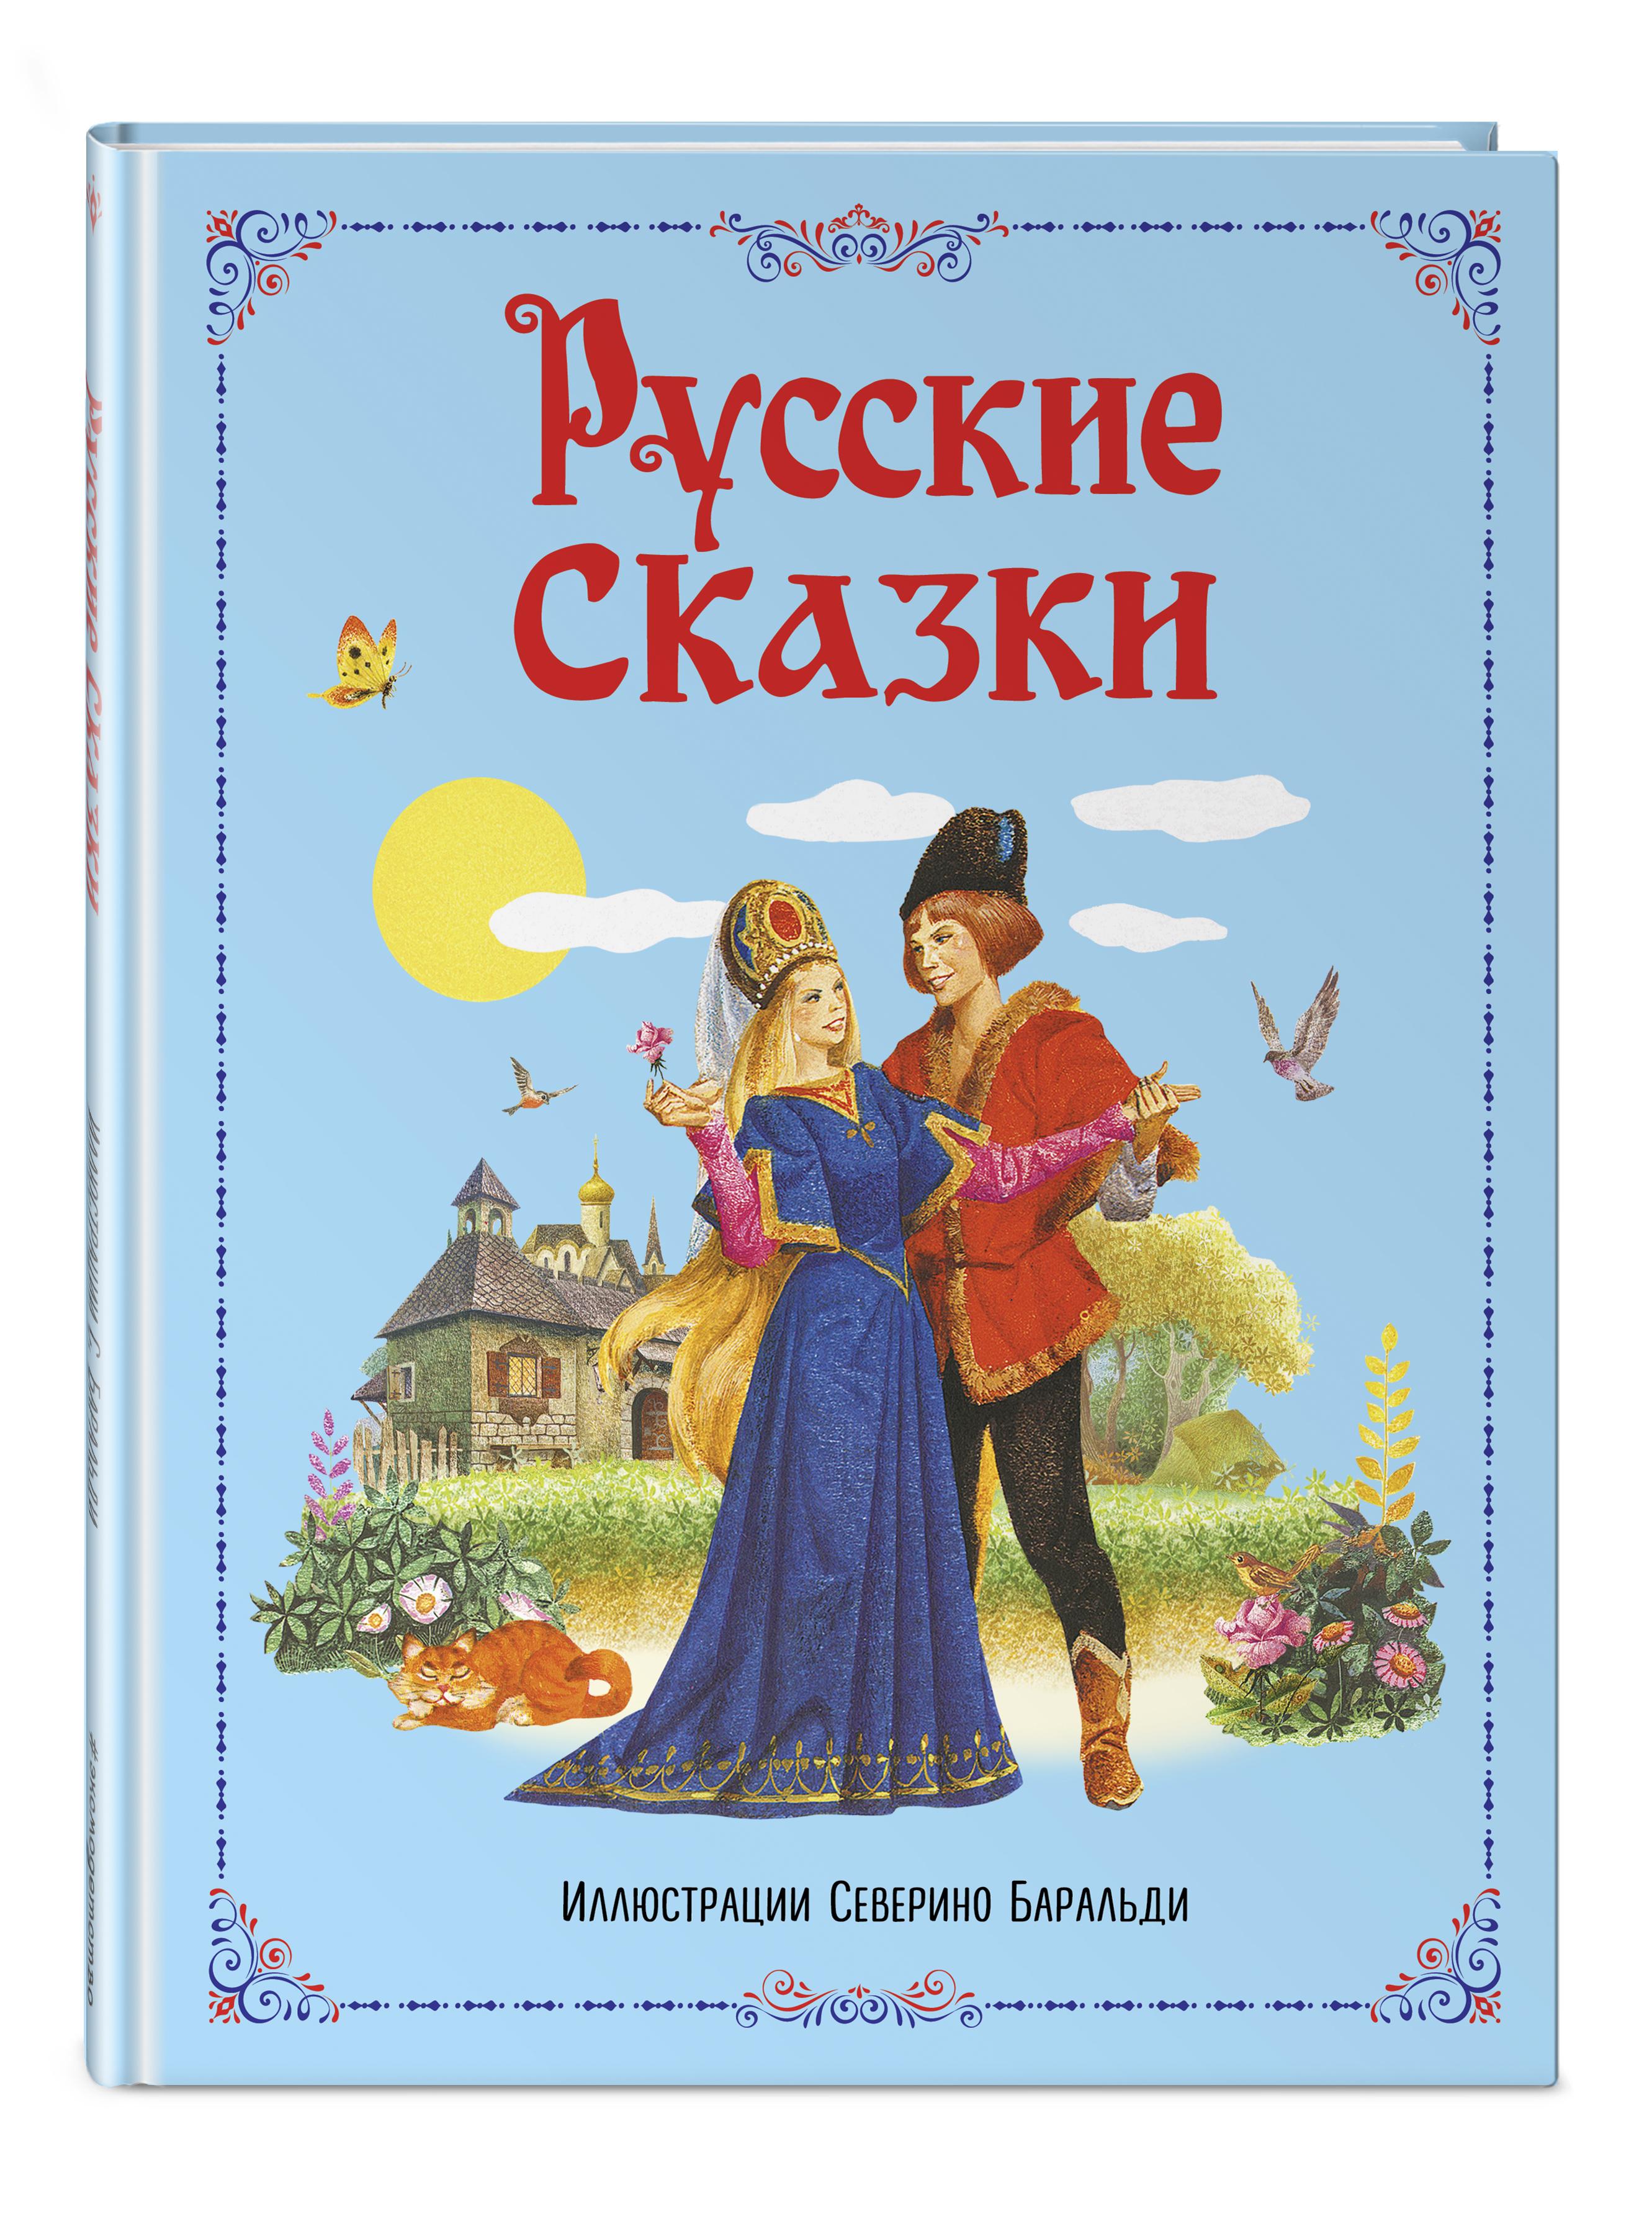 Русские сказки (ил. С. Баральди) валерий мирошников сказки змея зиланта история казани сулыбкой и всерьёз